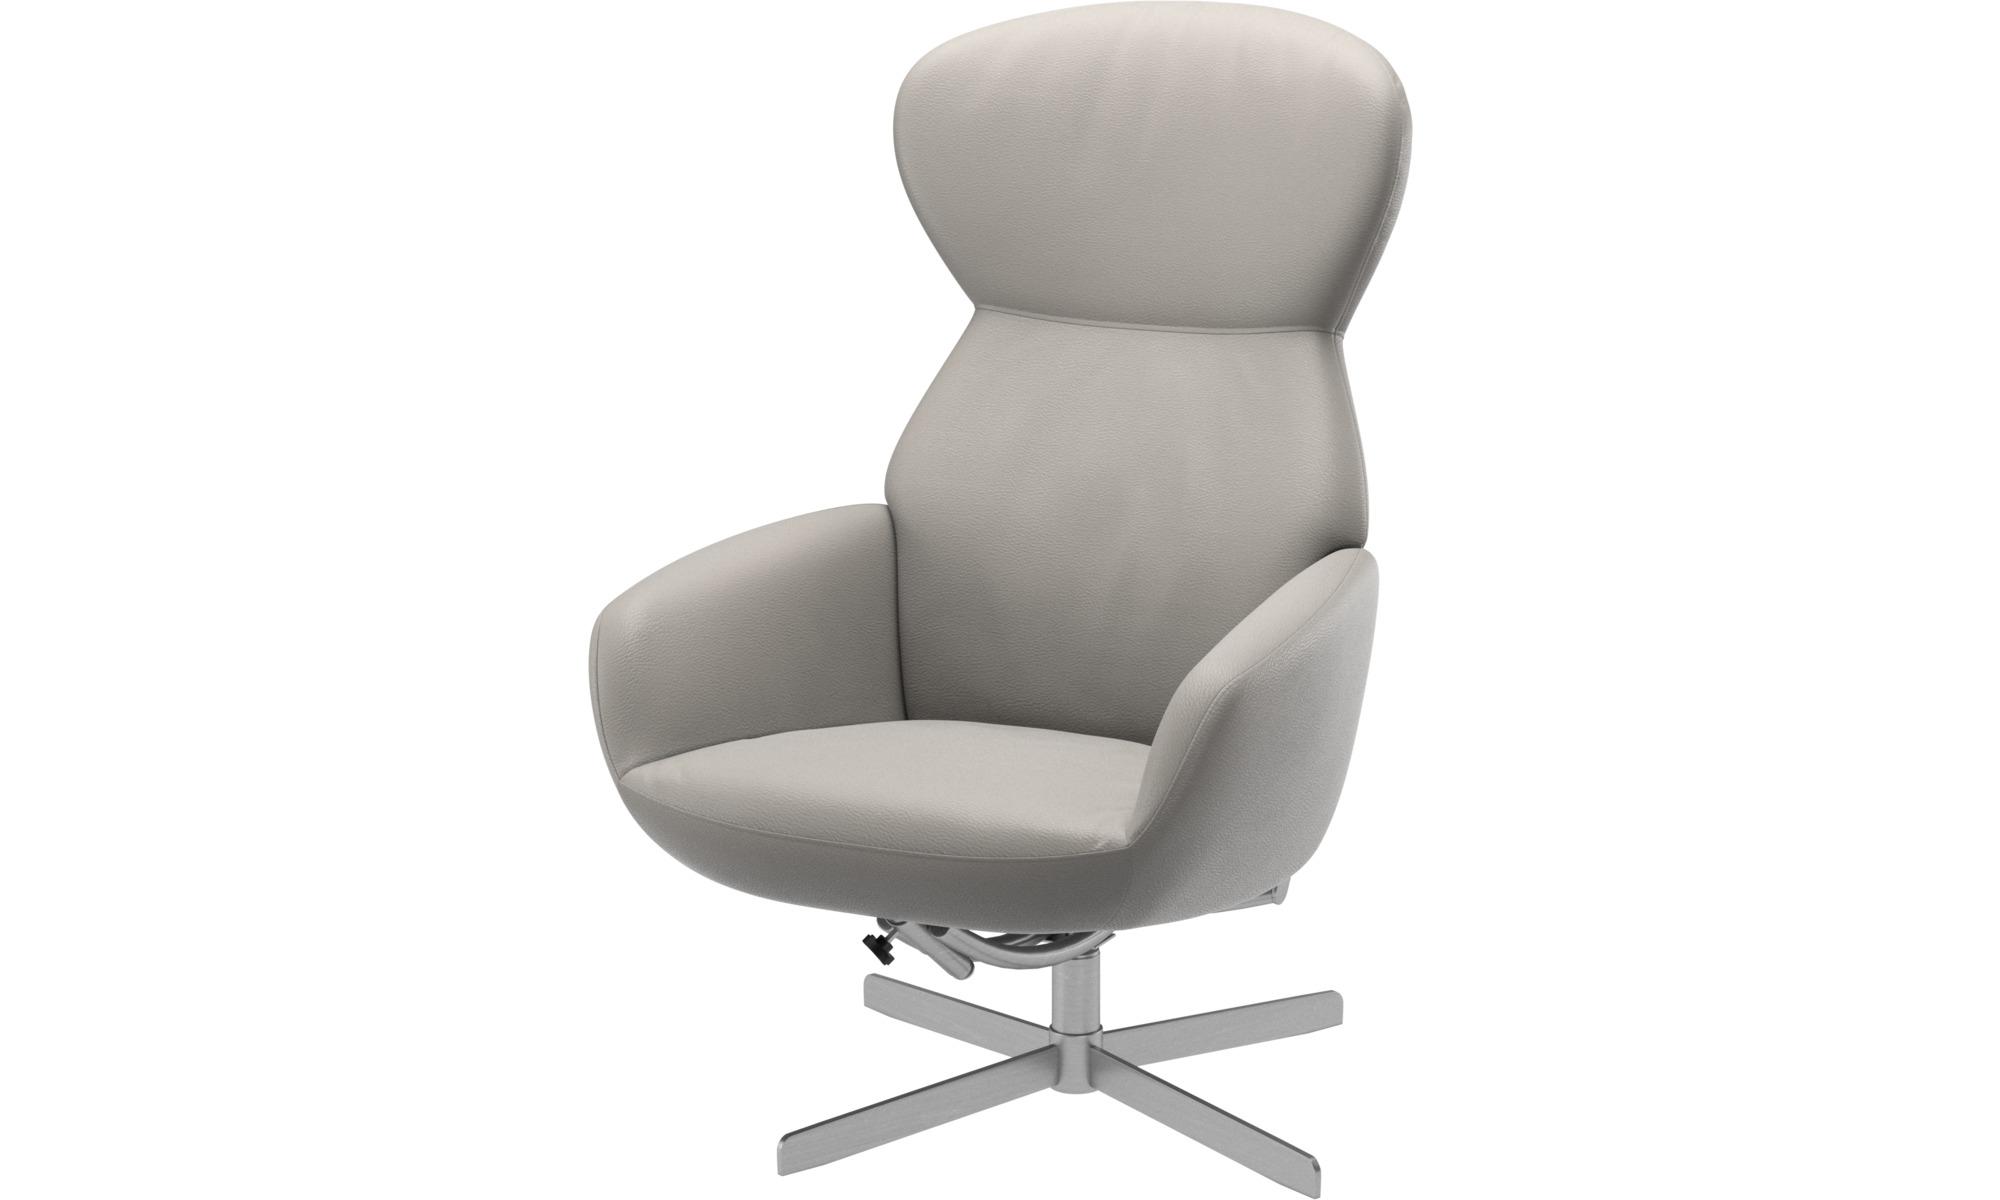 sessel athena sessel mit kippfunktion und drehsockel boconcept. Black Bedroom Furniture Sets. Home Design Ideas